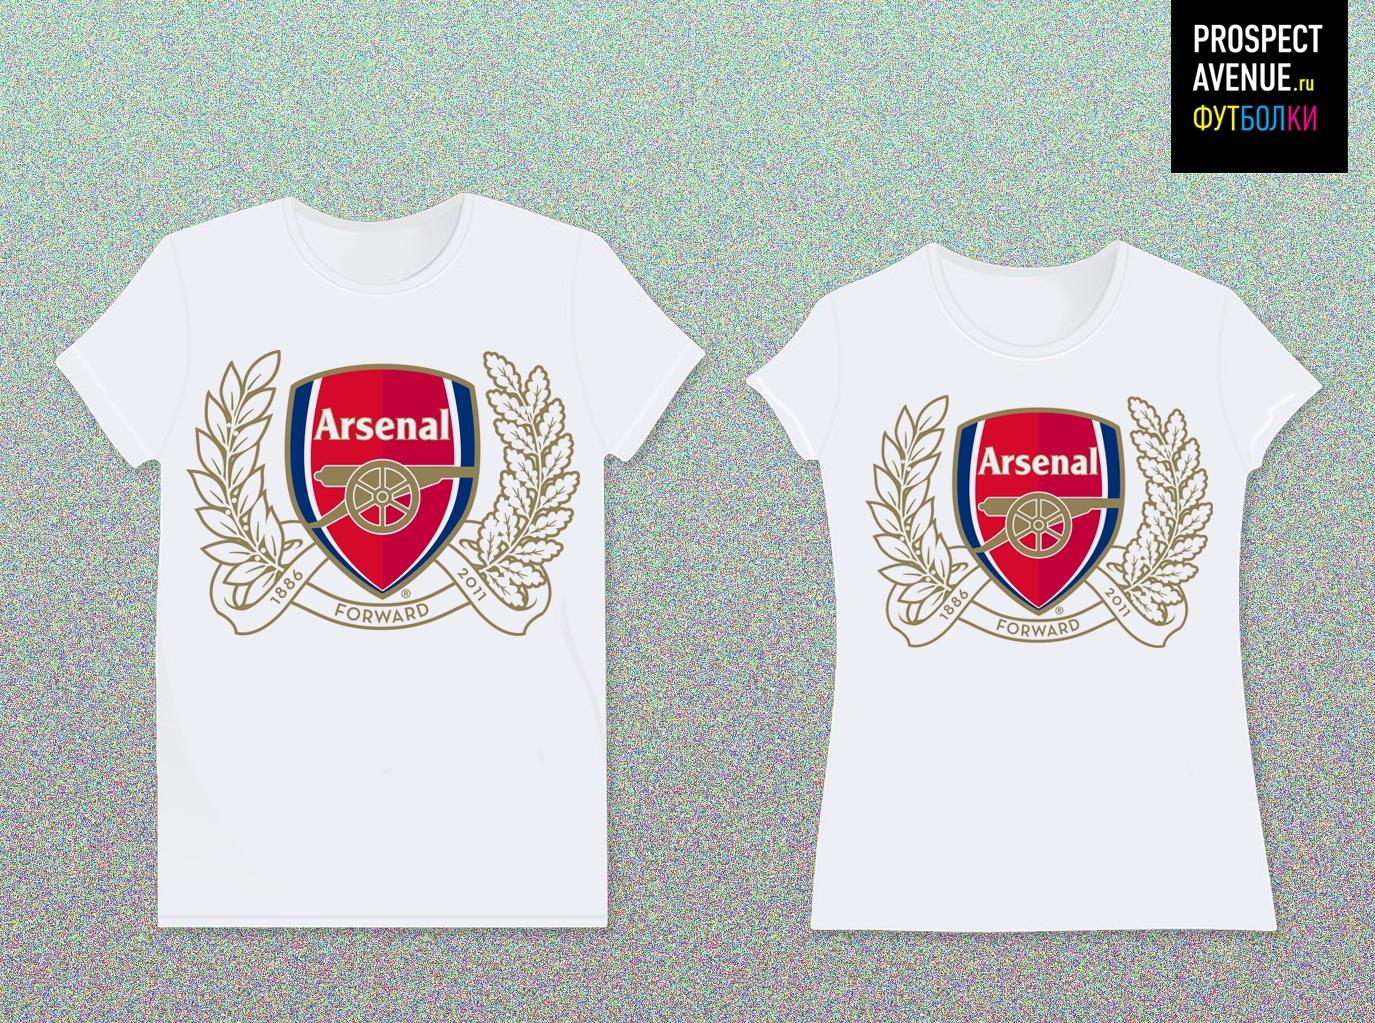 Мужская футболка Футбол «Forward» по выгодной цене   Купить мужскую футболку  Футбол «Forward» в Интернет-магазине prospectavenue.ru 92147e58940